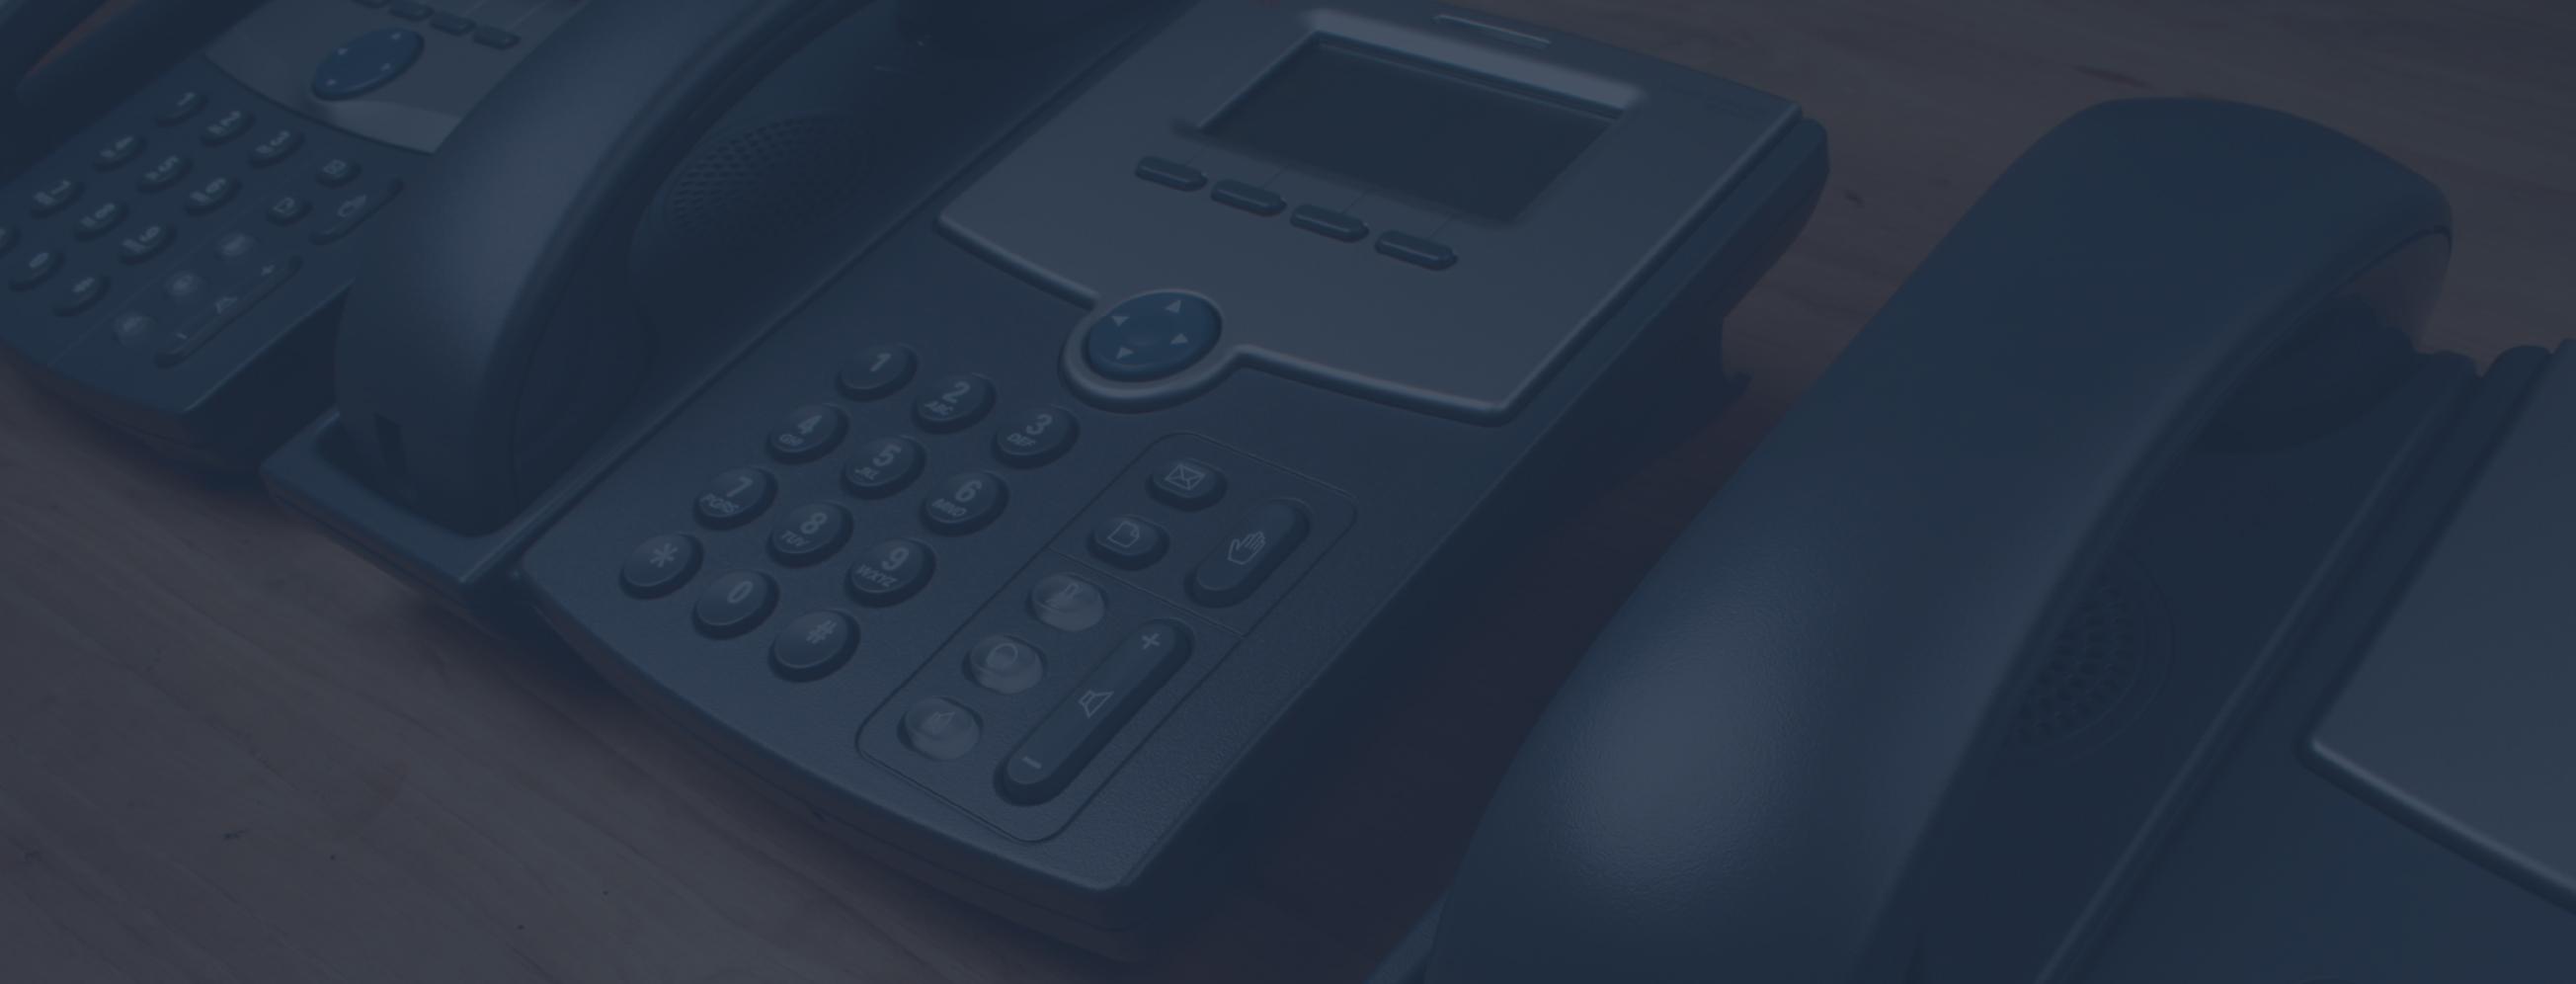 VOIP Telefonie